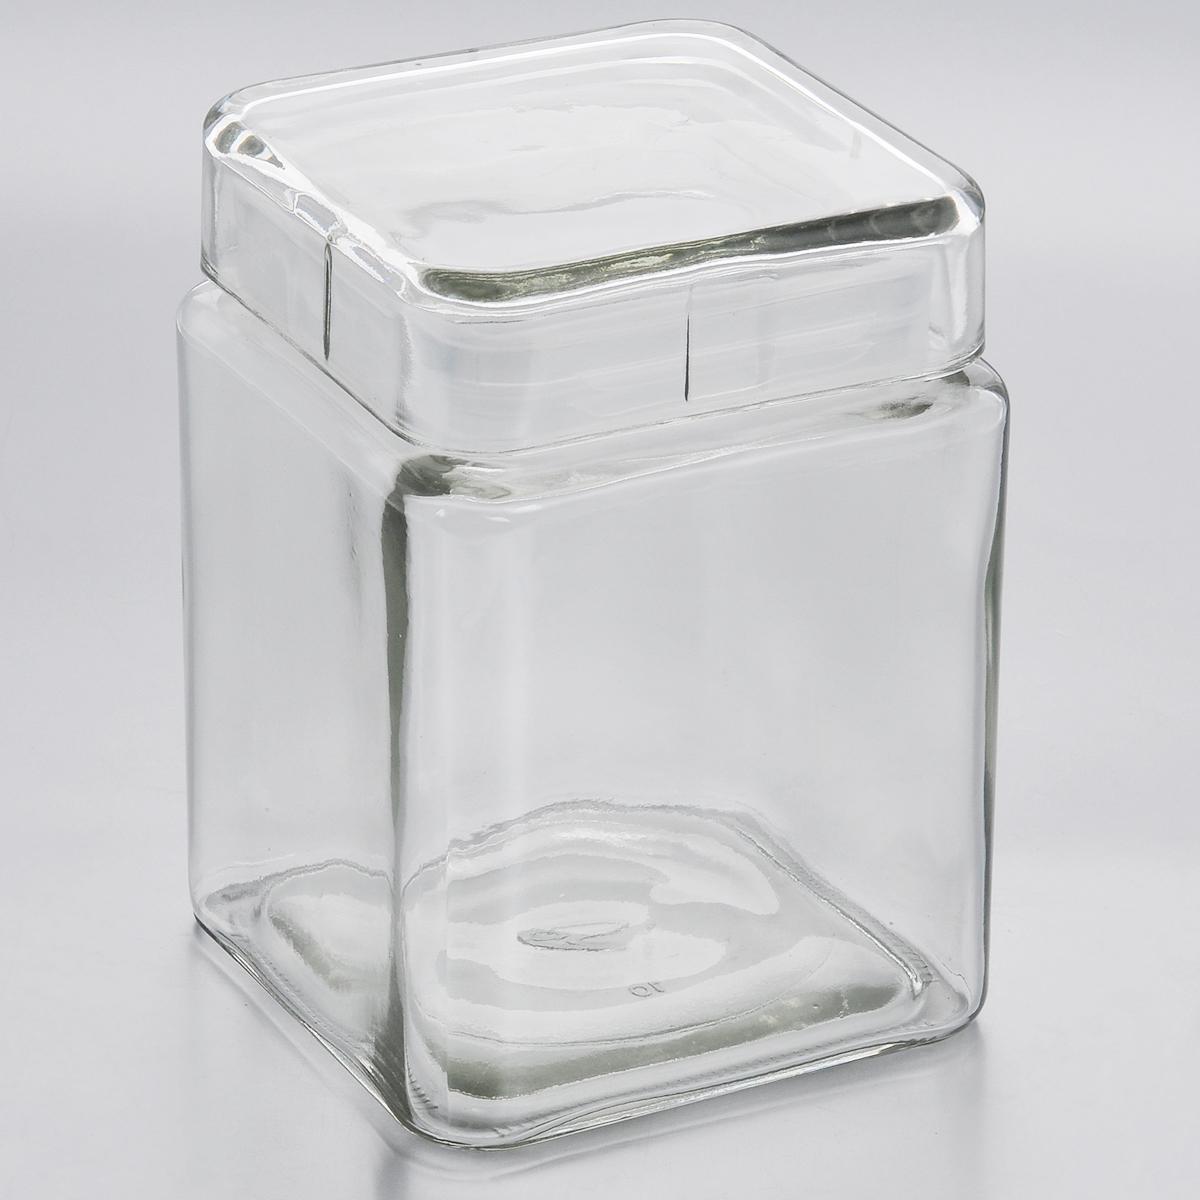 Емкость для хранения Esprado Cristella, 1240 мл4630003364517Емкость для хранения Esprado Cristella изготовлена из качественного прозрачного стекла, отполированного до идеального блеска и гладкости. Изделие имеет квадратную форму. Стекло термостойкое, что позволяет использовать емкость Esprado при различных температурах (от -15°С до +100°С). Это делает ее функциональным и универсальным кухонным аксессуаром. Емкость очень вместительна, поэтому прекрасно подходит для хранения круп, макарон, кофе, орехов, специй и других сыпучих продуктов. Крышка плотно закрывается и легко открывается благодаря силиконовой прослойке. Это обеспечивает герметичность и дольше сохраняет продукты свежими.Благодаря различным дизайнерским решениям такая емкость дополнит и украсит интерьер любой кухни. Емкости для хранения из коллекции Cristella разработаны на основе эргономичных дизайнерских решений, которые позволяют максимально эффективно и рационально использовать кухонные поверхности. Благодаря универсальному внешнему виду, они будут привлекательно смотреться в интерьере любой кухни. Емкости для хранения незаменимы на кухне: они помогают сохранить свежесть продуктов, защищают от попадания излишней влаги и позволяют эффективно использовать ограниченное кухонное пространство. Не использовать в духовом шкафу, микроволновой печи и посудомоечной машине.